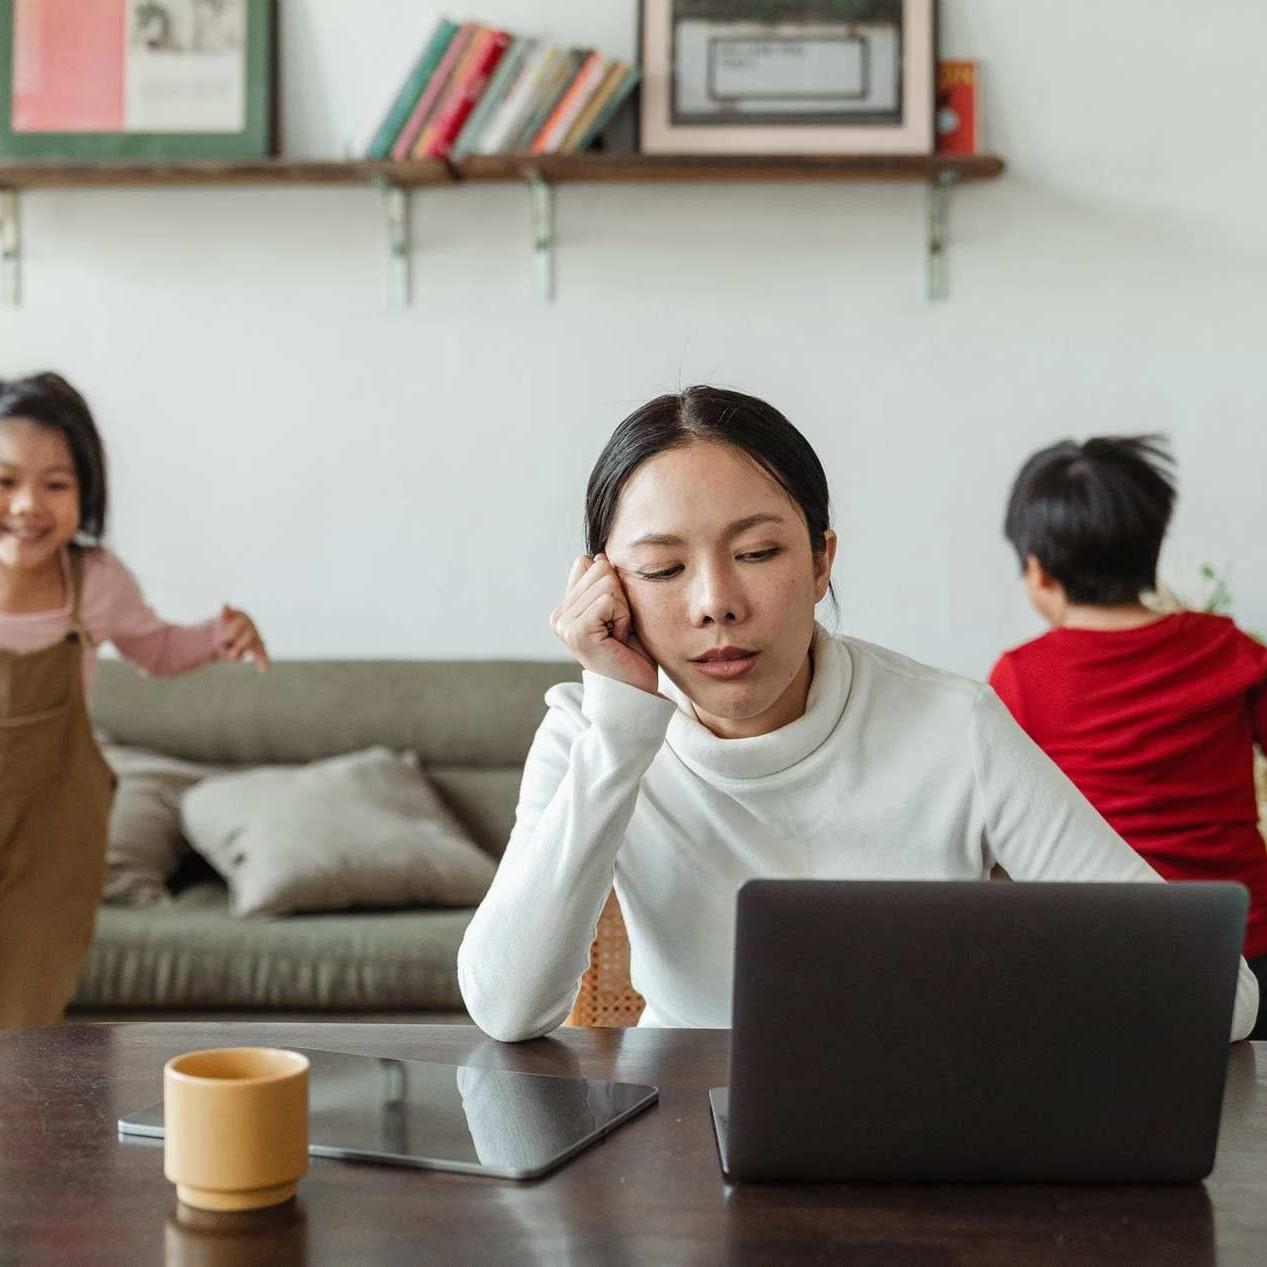 Teleworking Challenges & Children